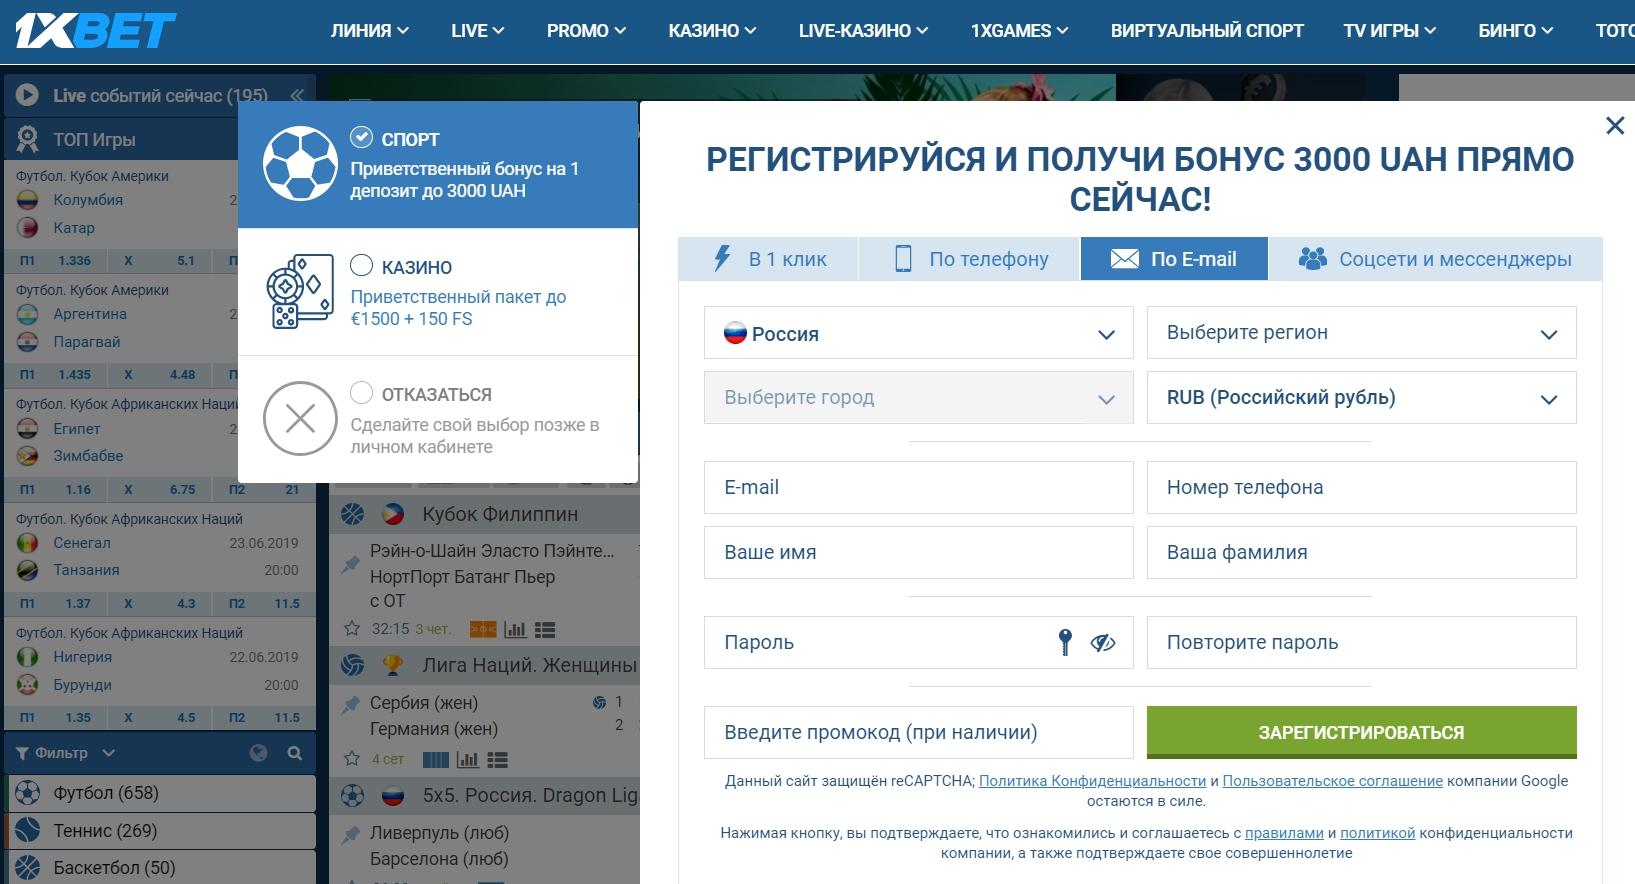 1xBet регистрация - новый счет в букмекерской конторе 1хбет